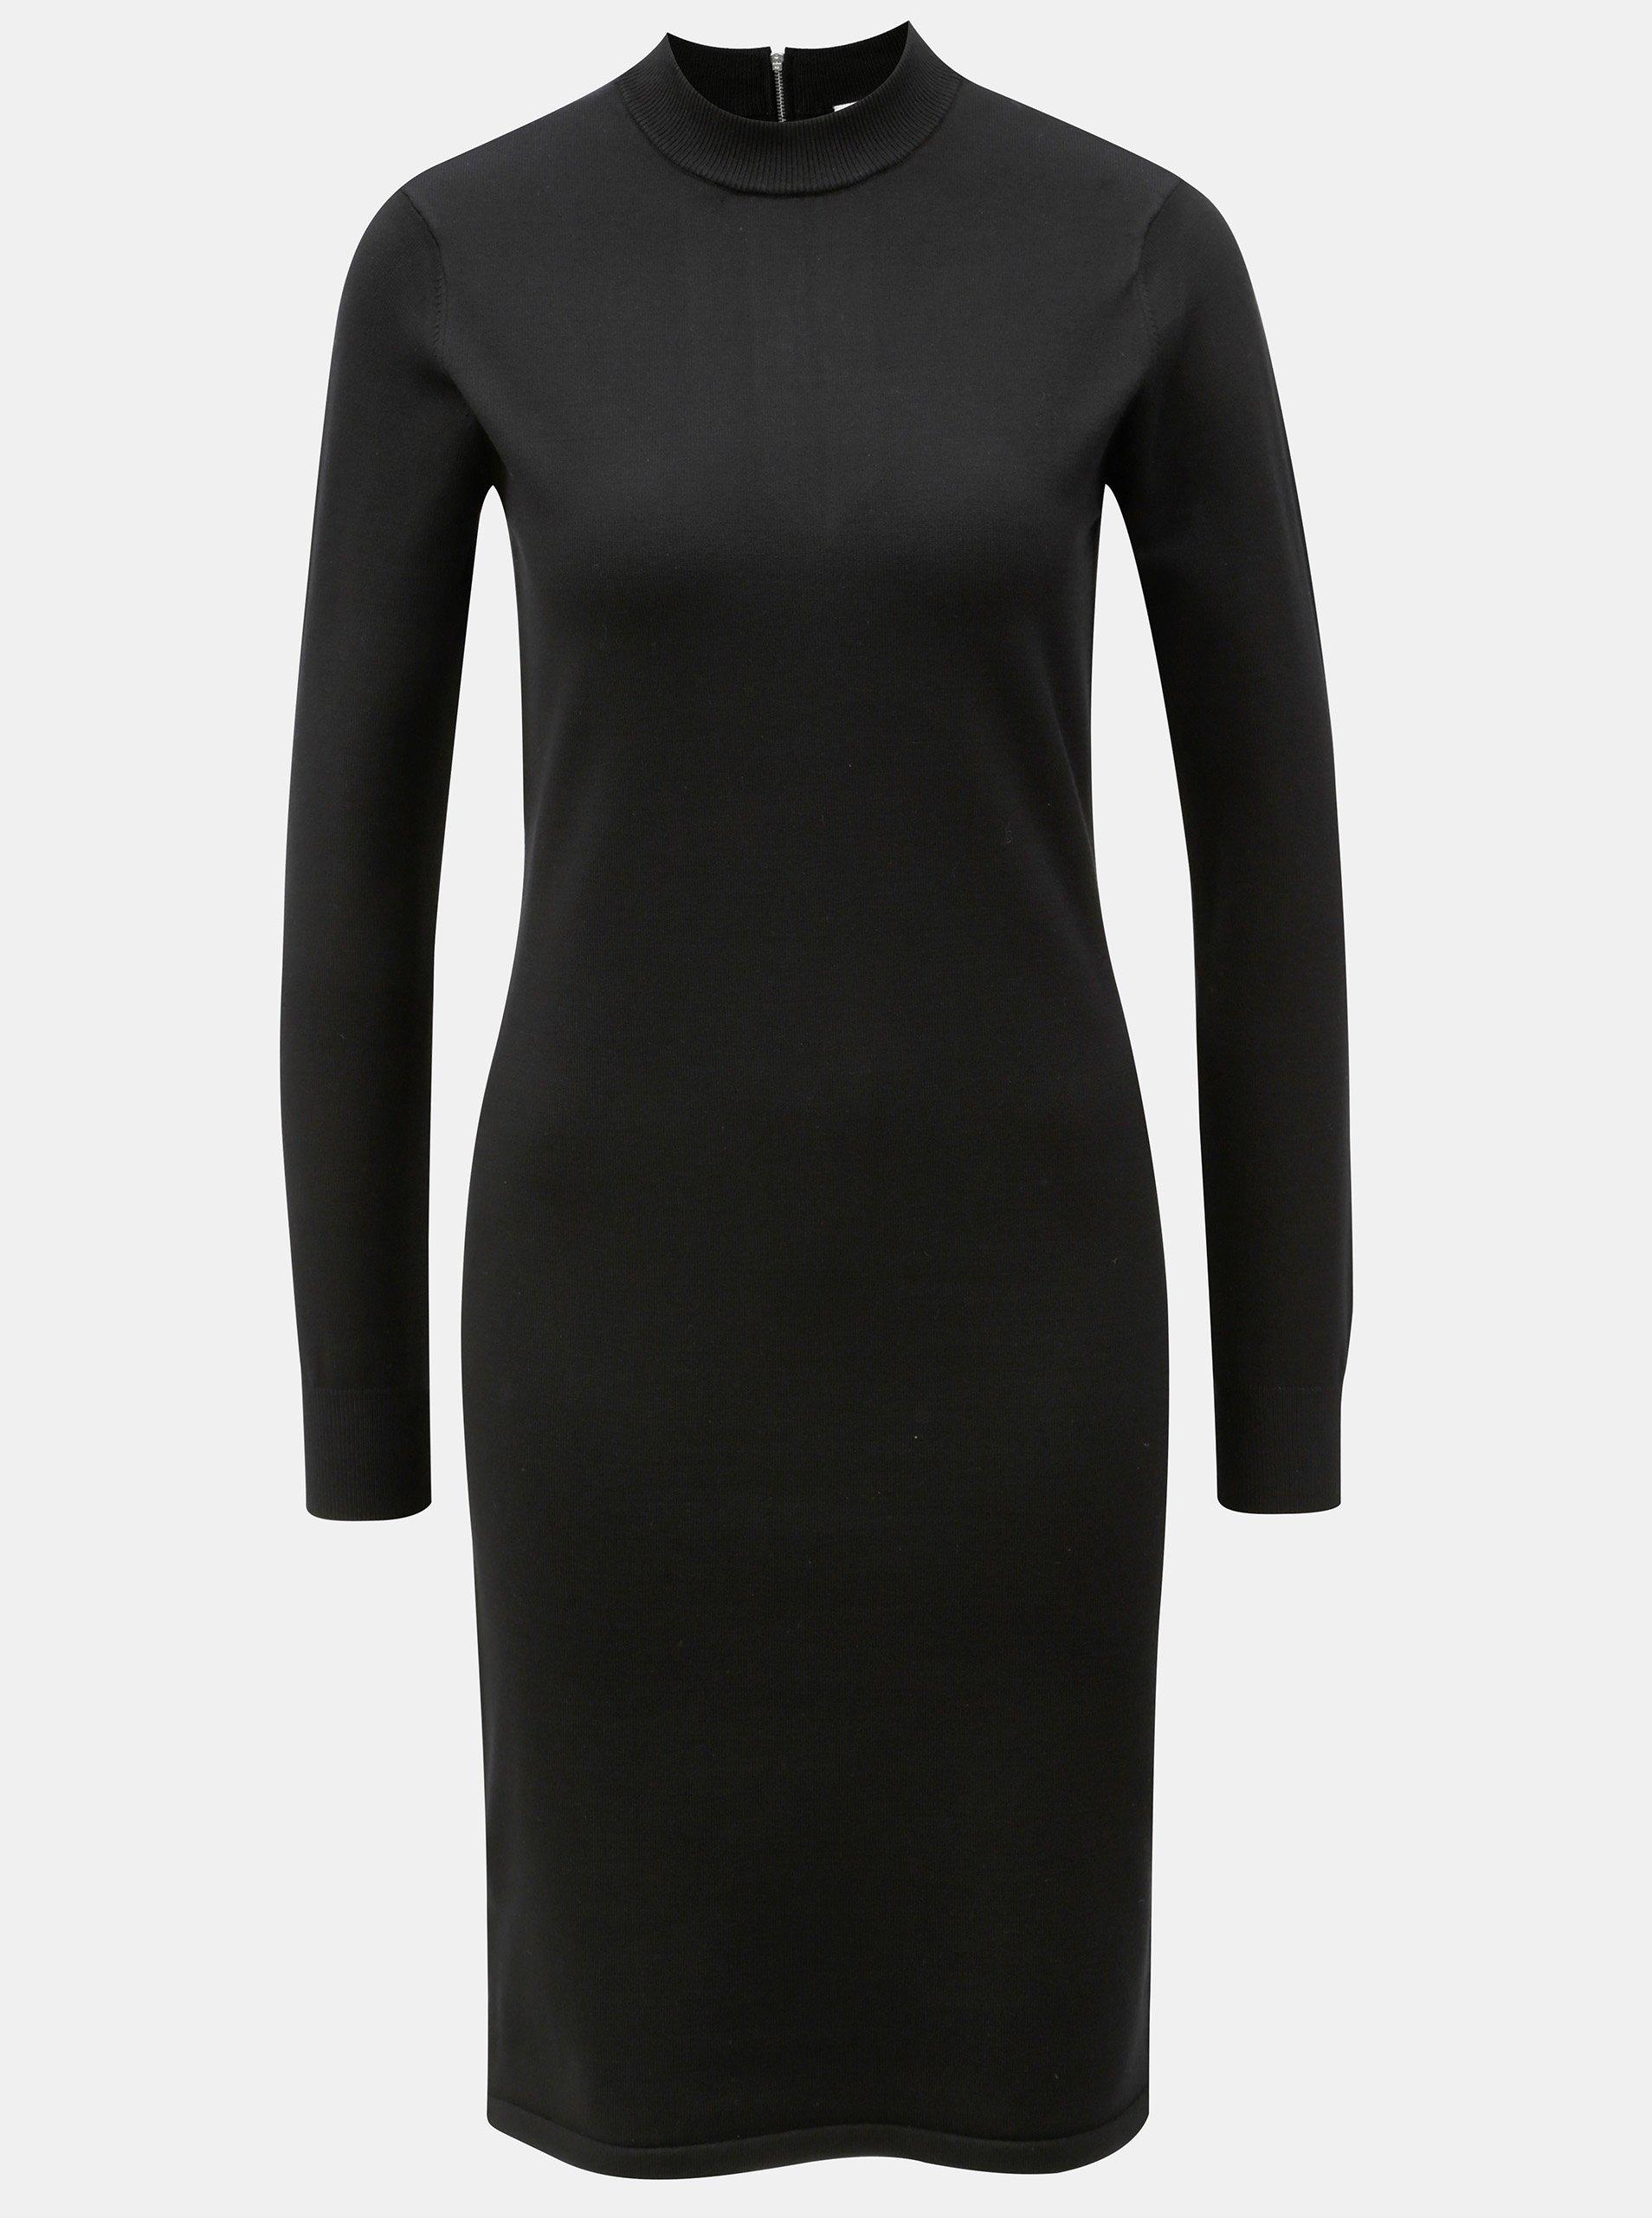 1c4ebaa8ee81 Čierne šaty s dlhým rukávom Noisy May Cirus